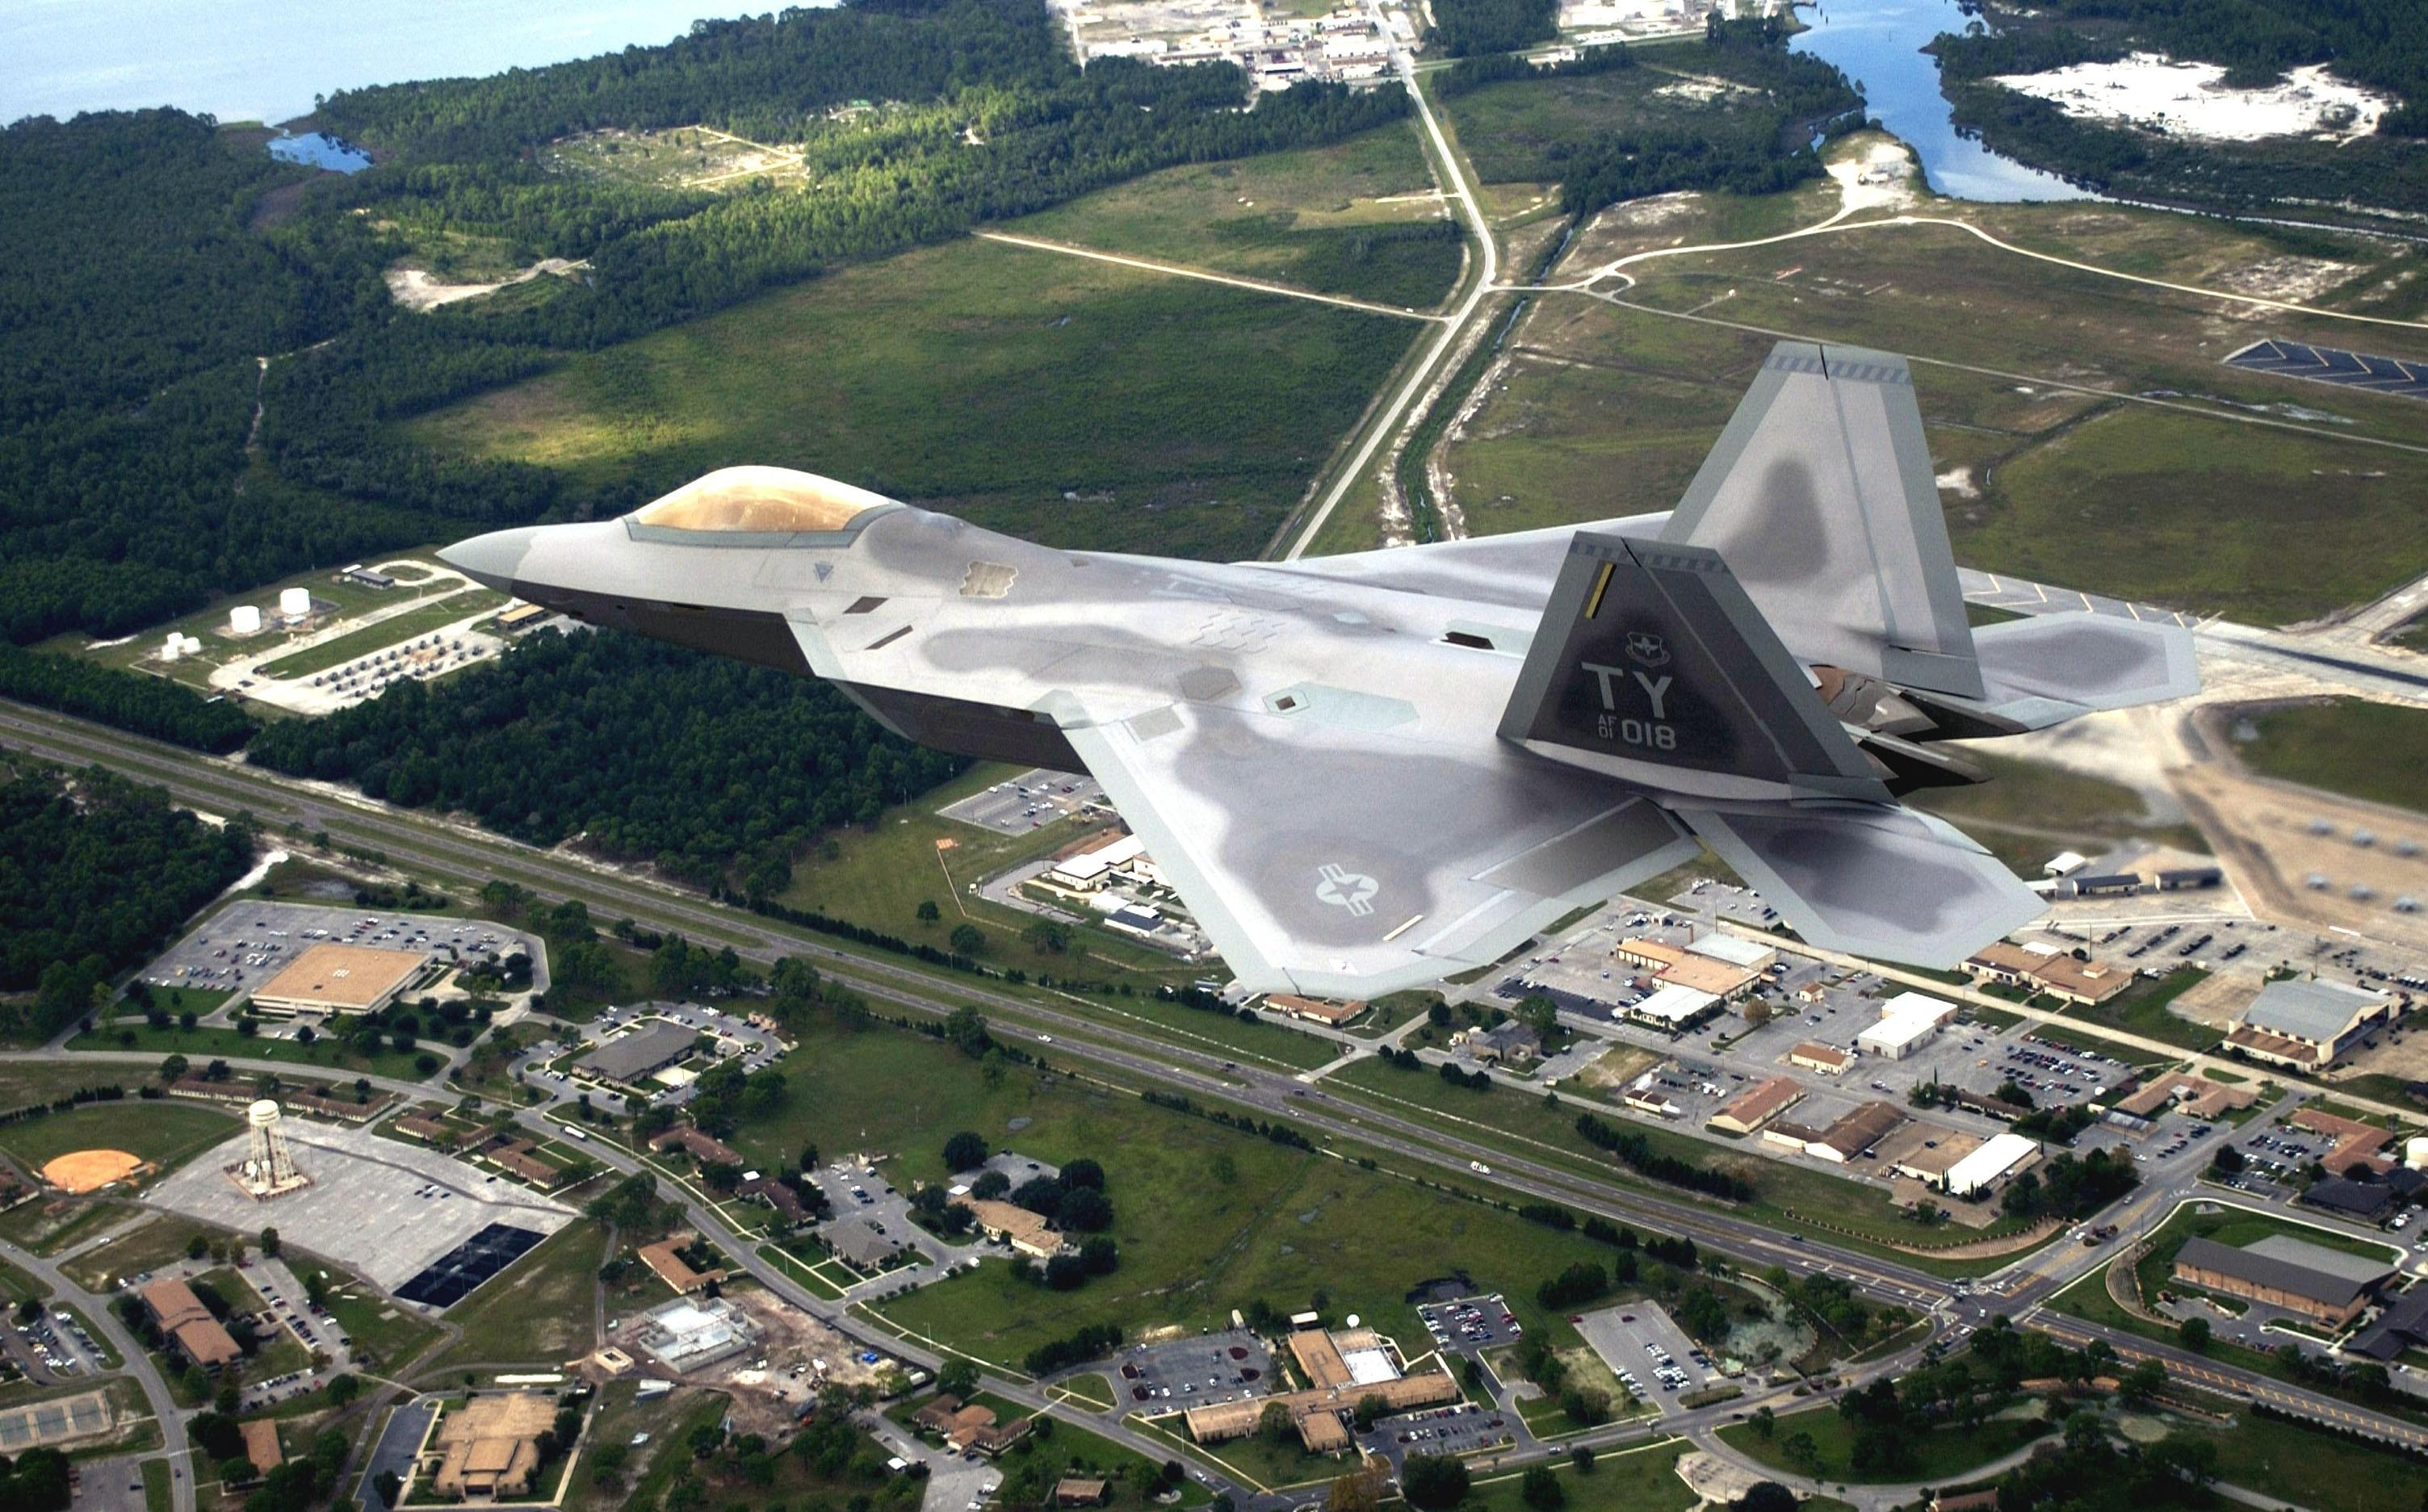 Giới chuyên môn coi F-22 Raptor là kỳ quan quốc phòng của Mỹ với những công nghệ chiến đấu vượt trội so với các loại phản lực chiến đấu khác. Vì vậy, Washington cấm xuất khẩu F-22 và công nghệ chế tạo loại máy bay này ra nước ngoài.